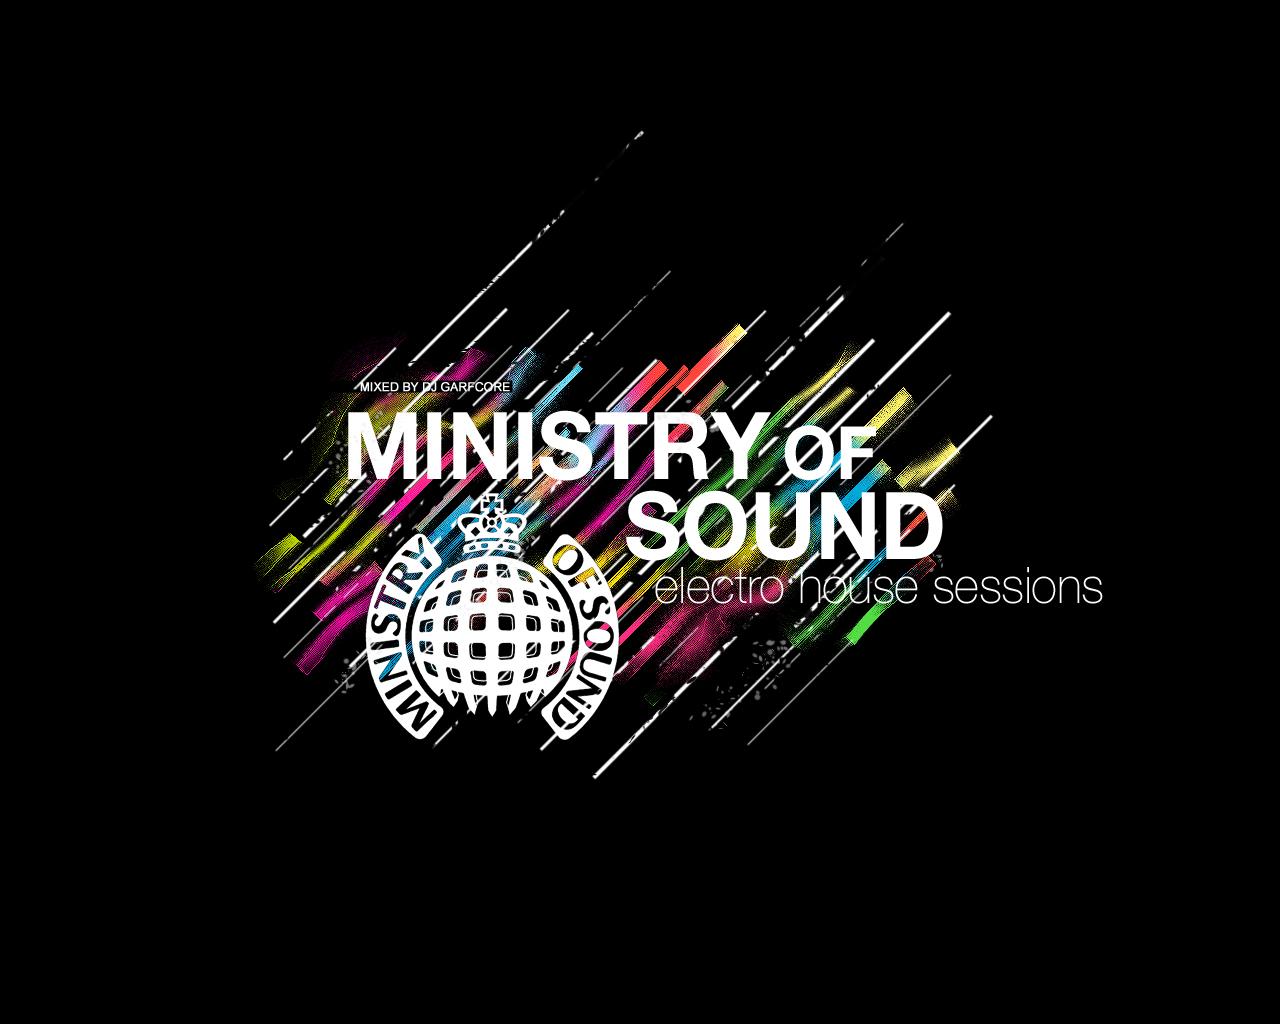 http://4.bp.blogspot.com/_p_7U3SKop3A/TJHoKJr4TzI/AAAAAAAAAV8/OQEYyza1zcA/s1600/Ministry_Of_Sound_Wallpaper.jpg